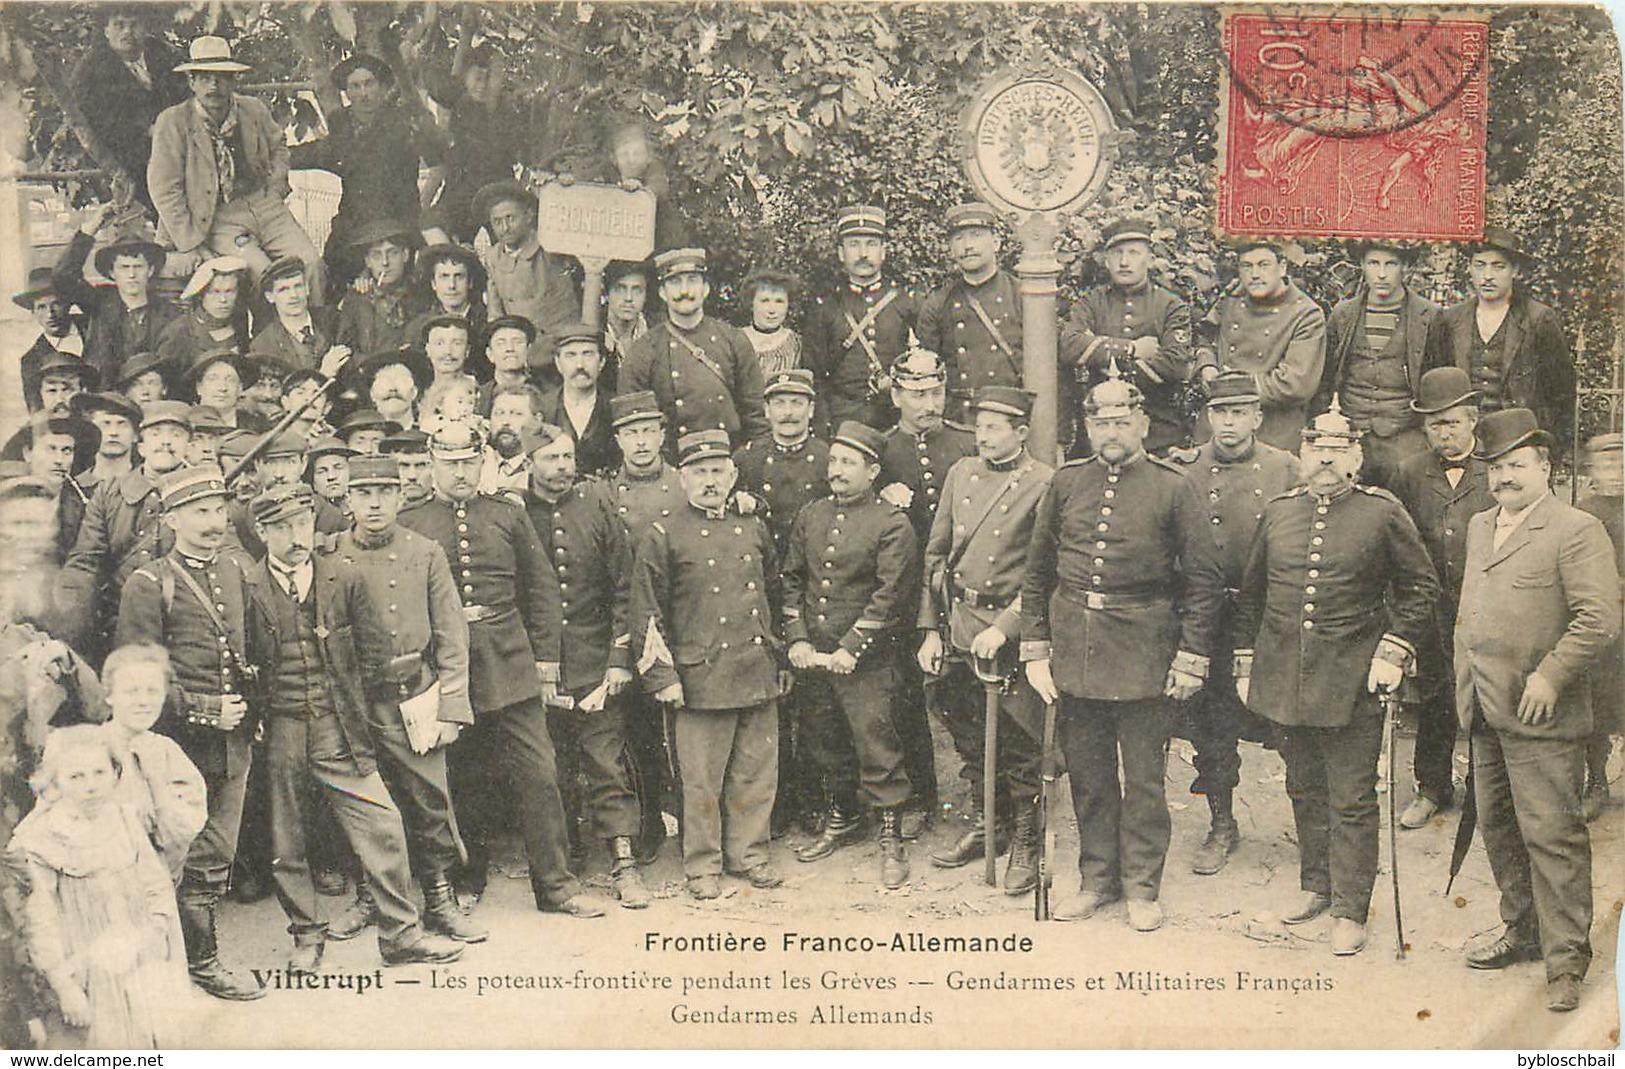 54 Villerupt Poteaux Frontière Pendant Les Grèves Gendarmes Et Militaire Français Gendarmes Allemands Douane Militaria - Autres Communes